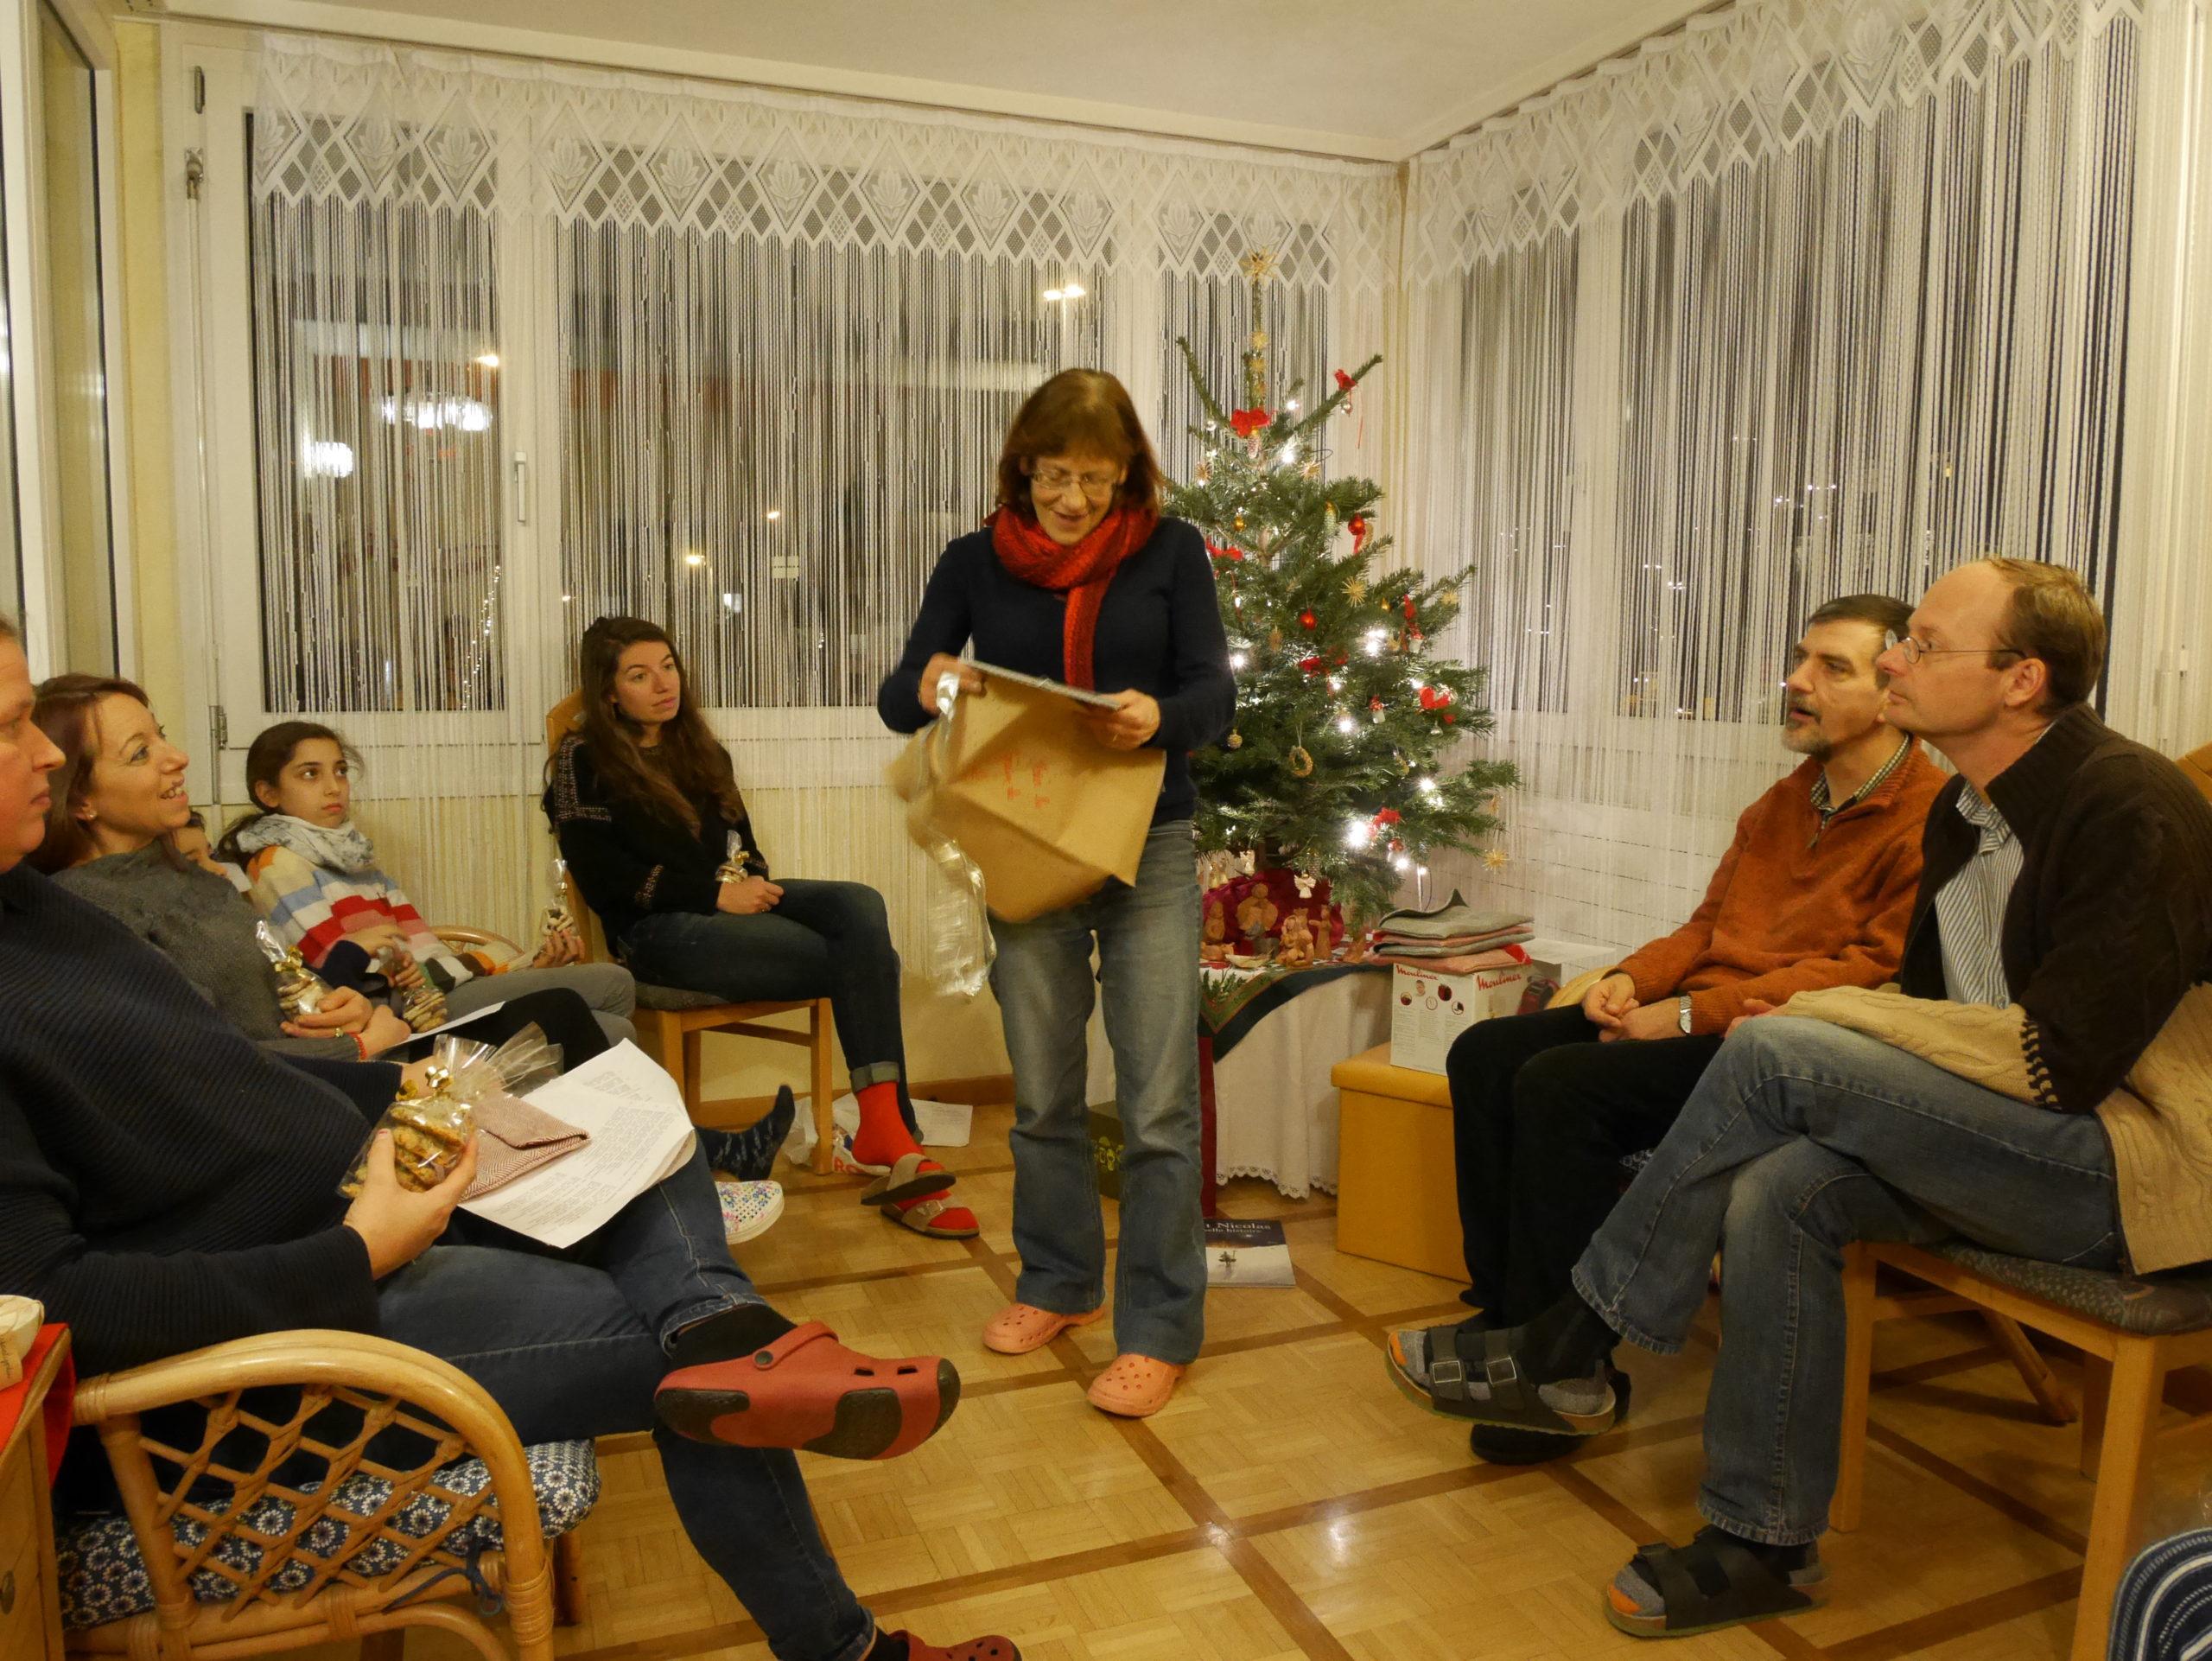 Fête de Noël dans les foyers